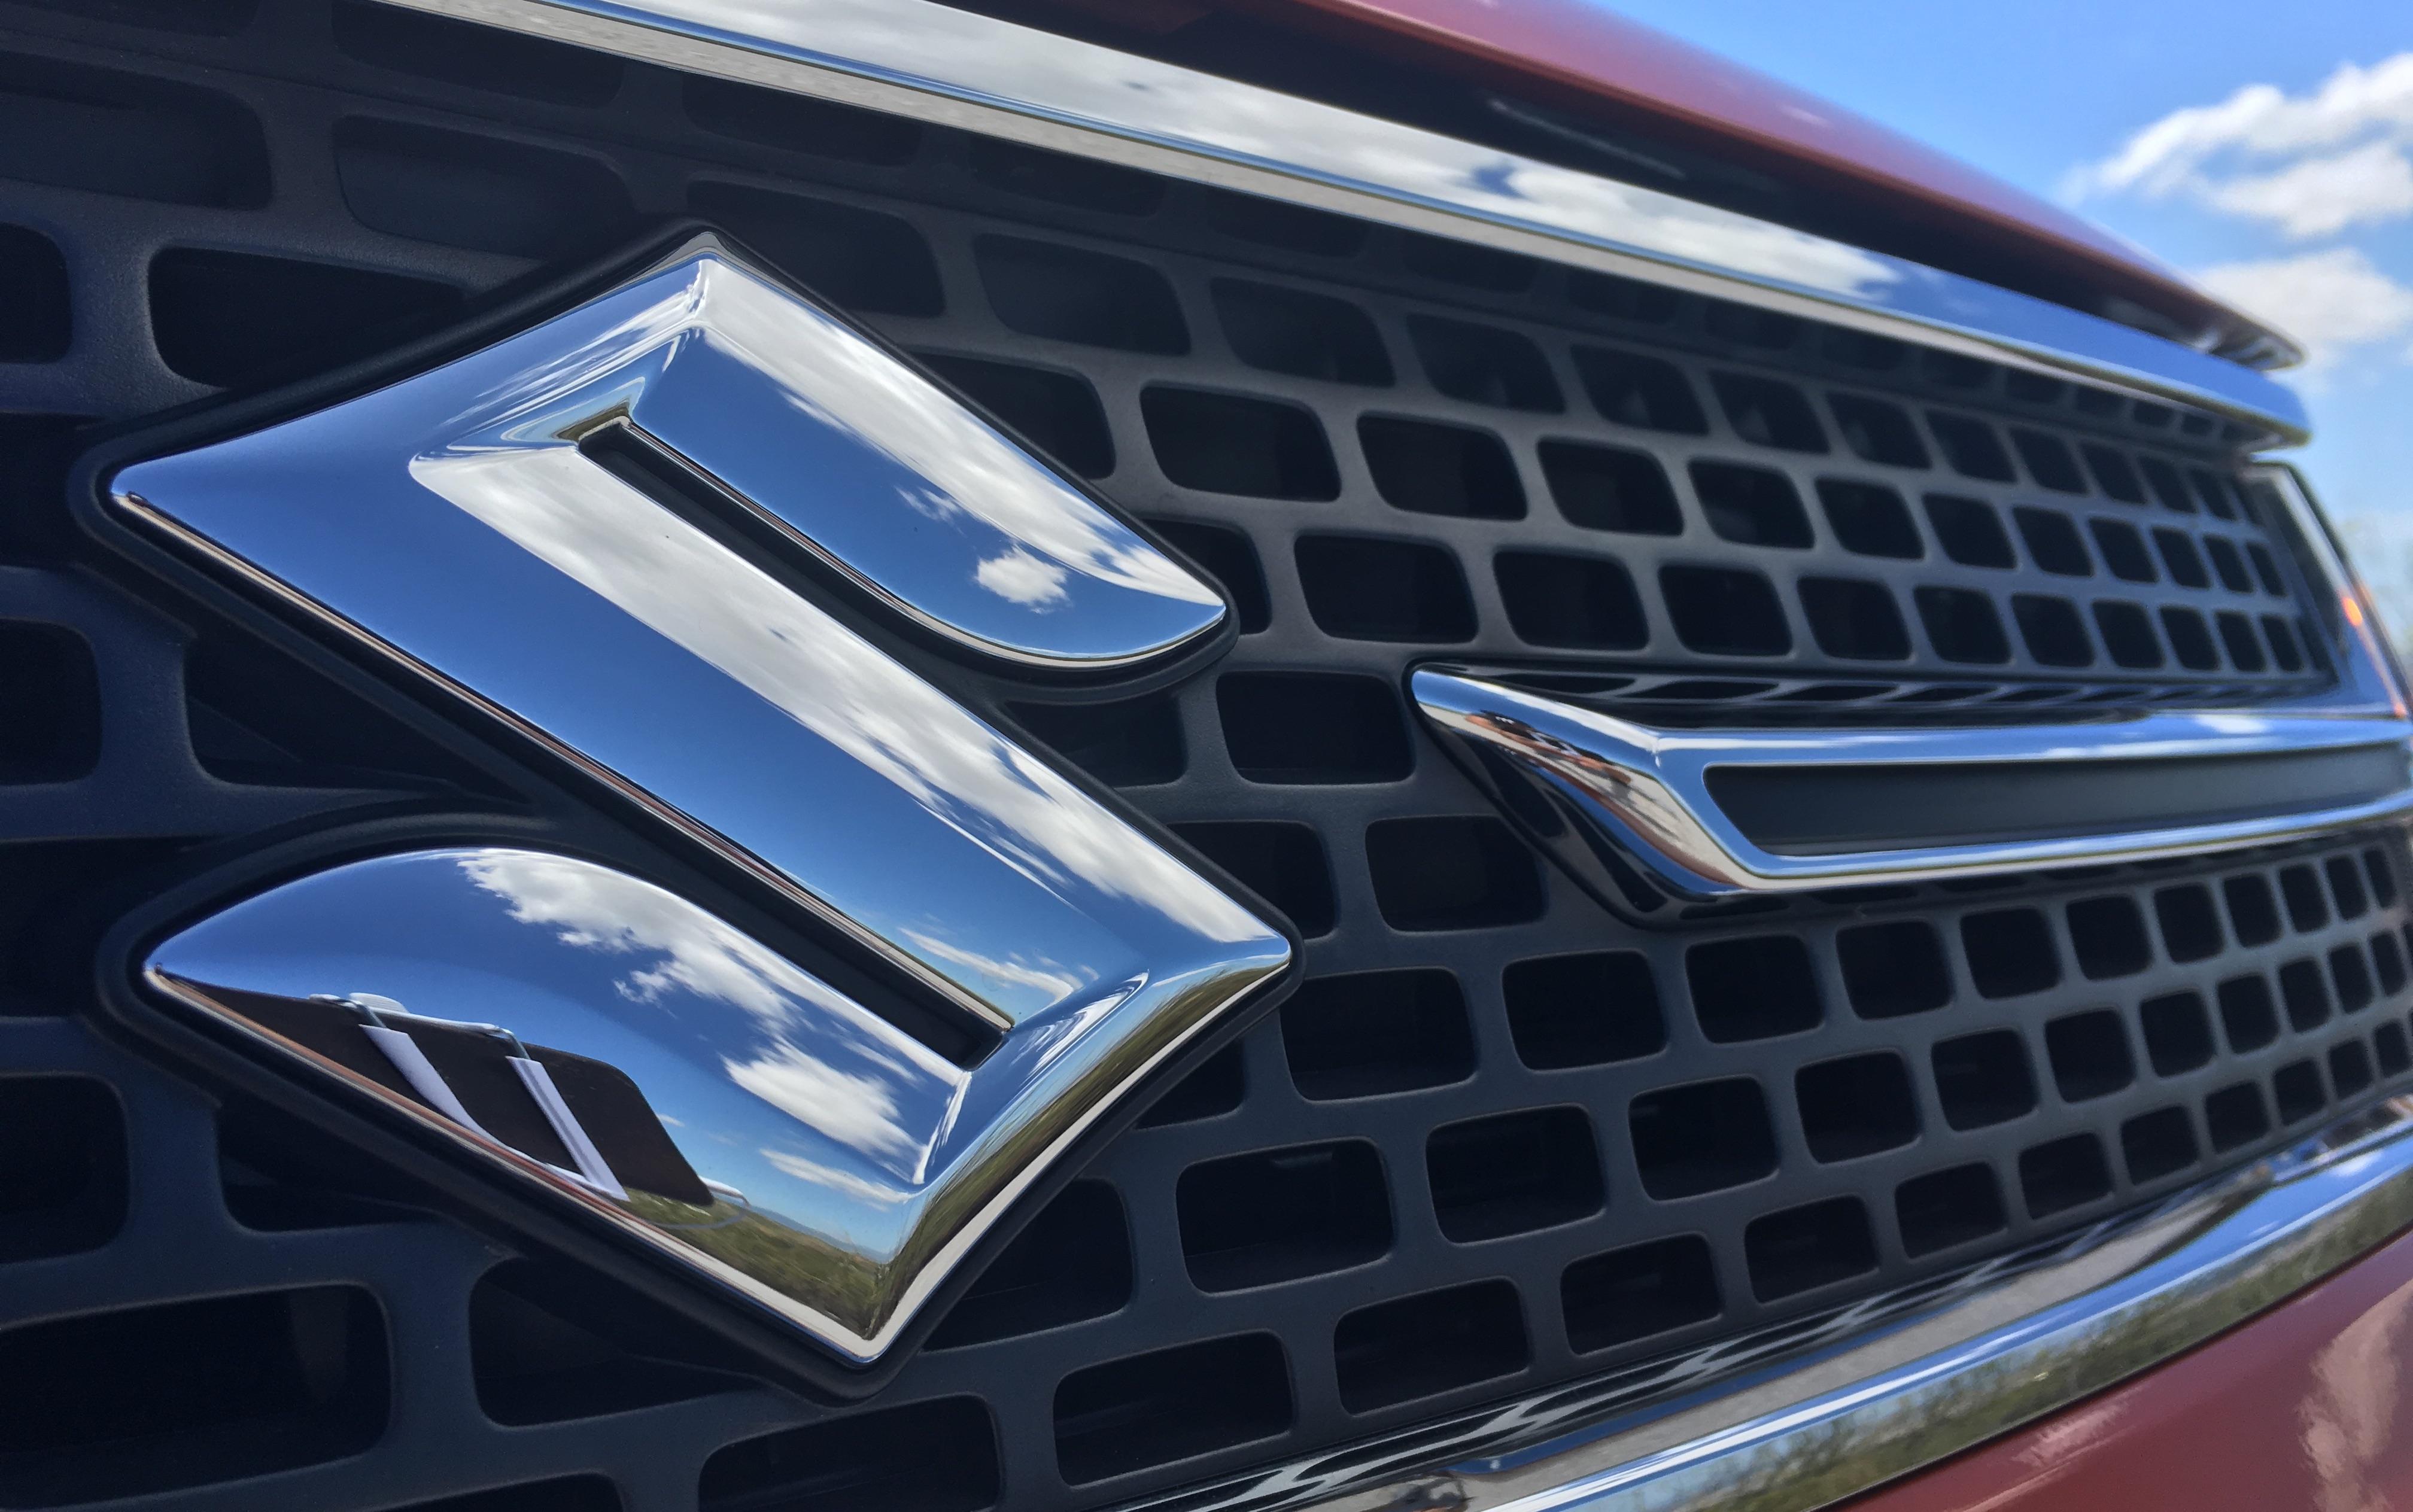 Καθώς τα κρύα σφίγγουν, η Suzuki προσφέρει δωρεάν χειμερινό έλεγχο